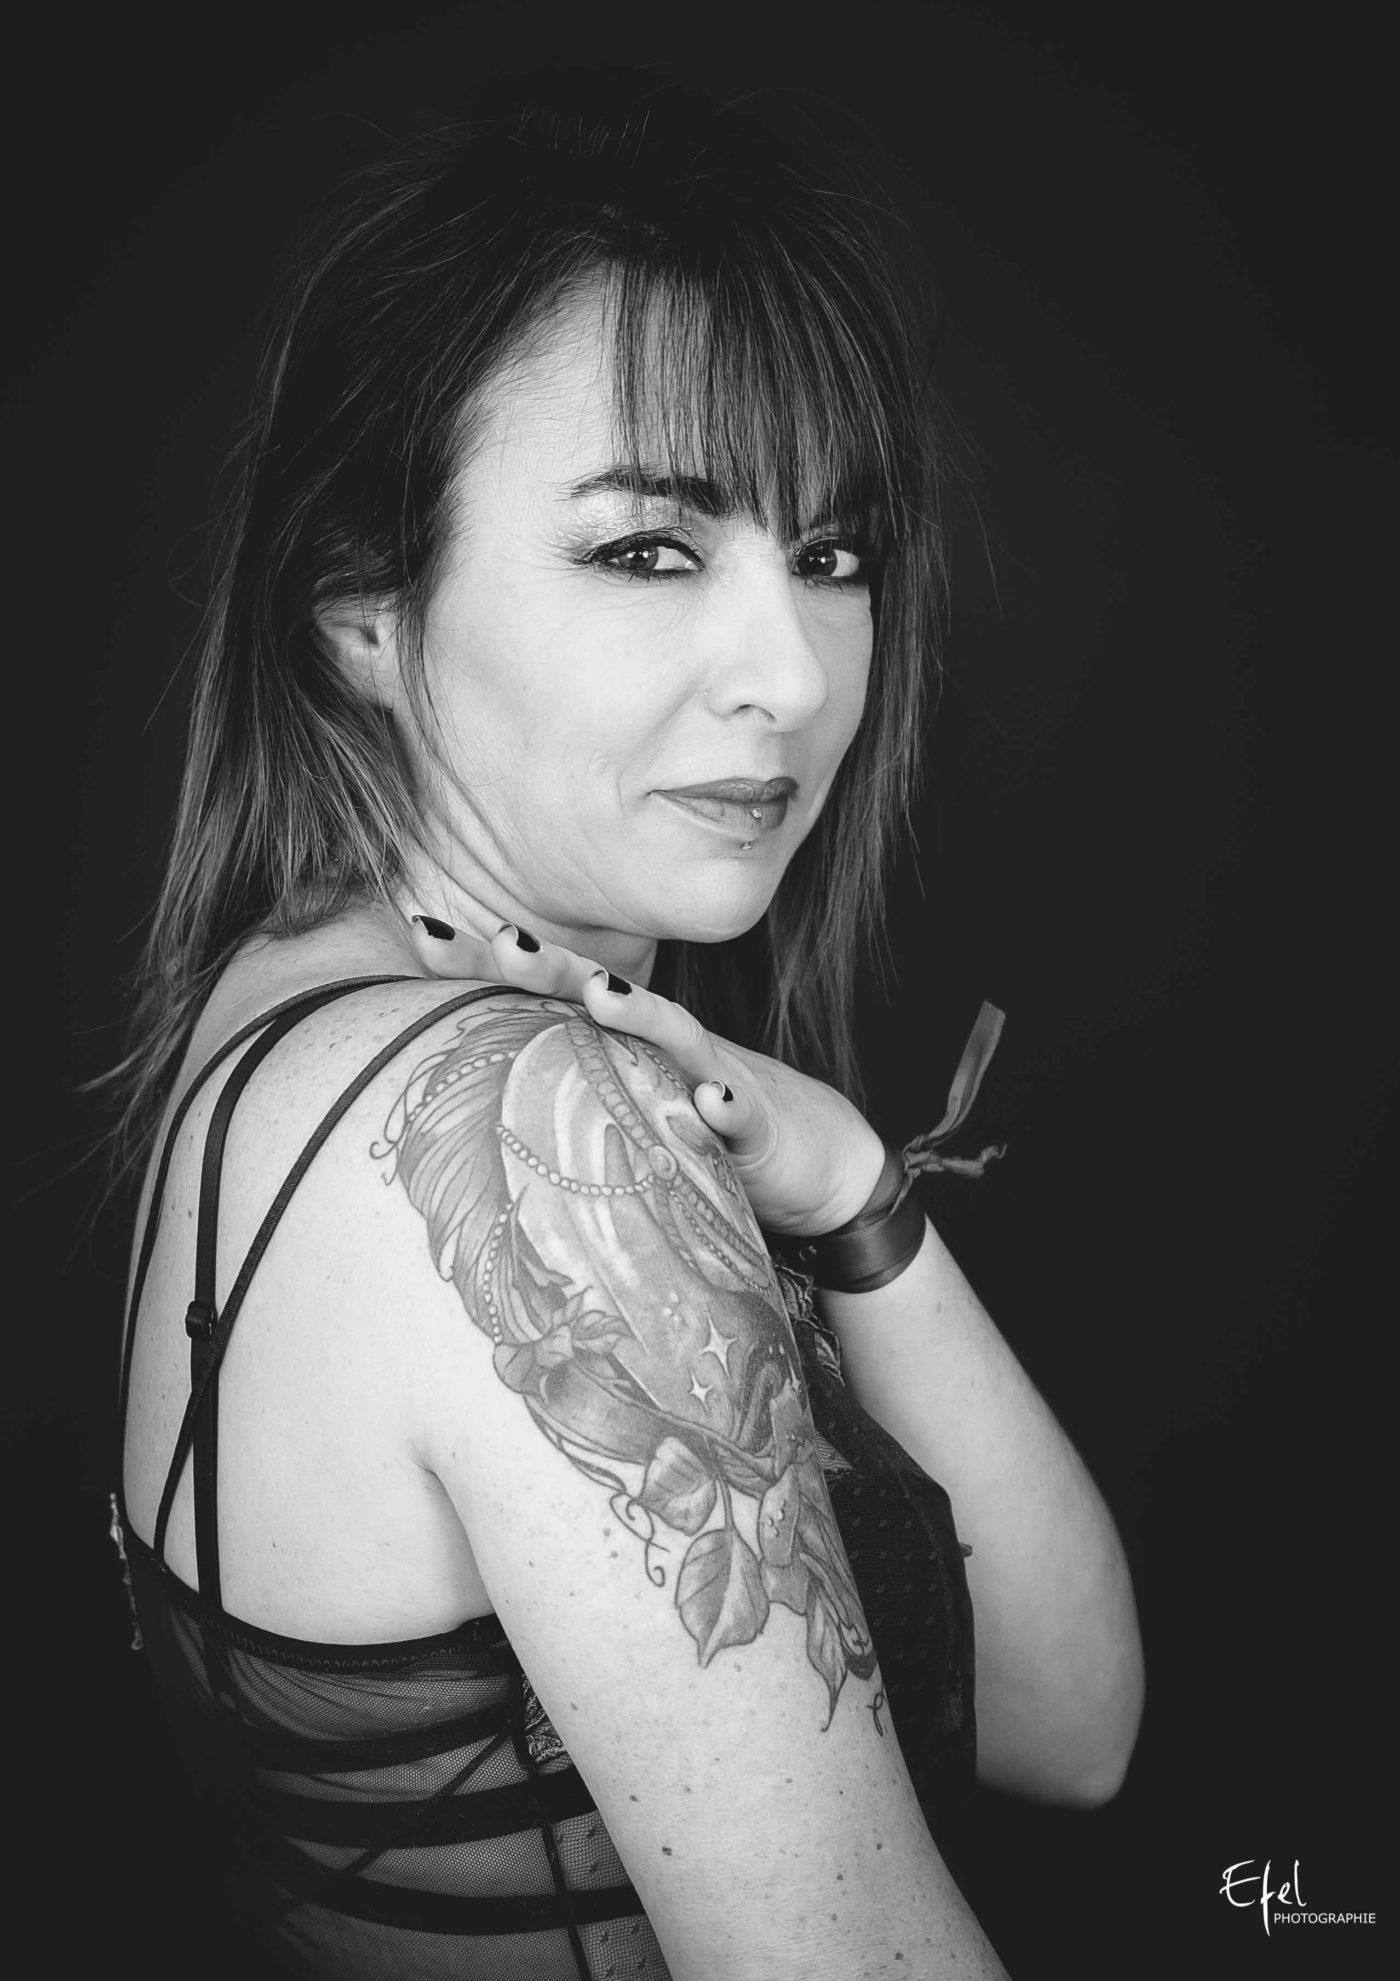 Portrait photo femme en noir et blanc photographe 05